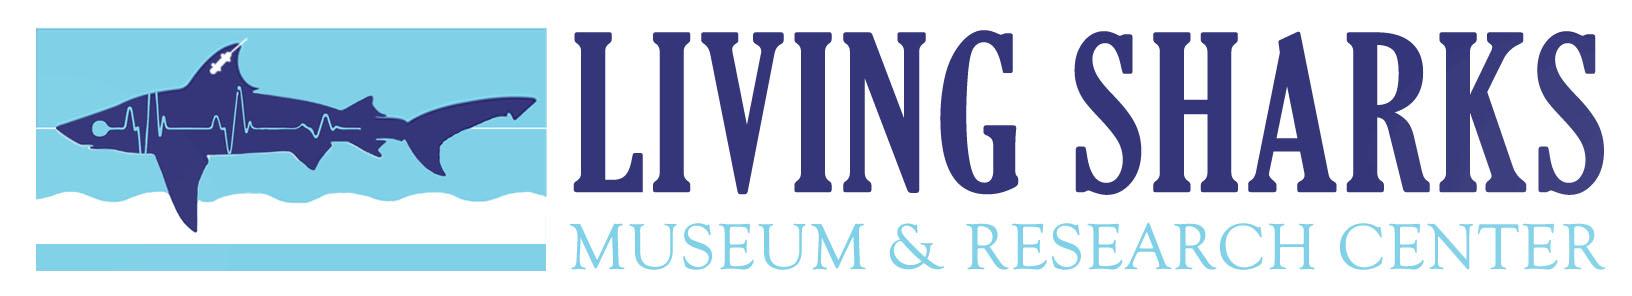 livingsharksmuseum-STRIPLOGO.jpg